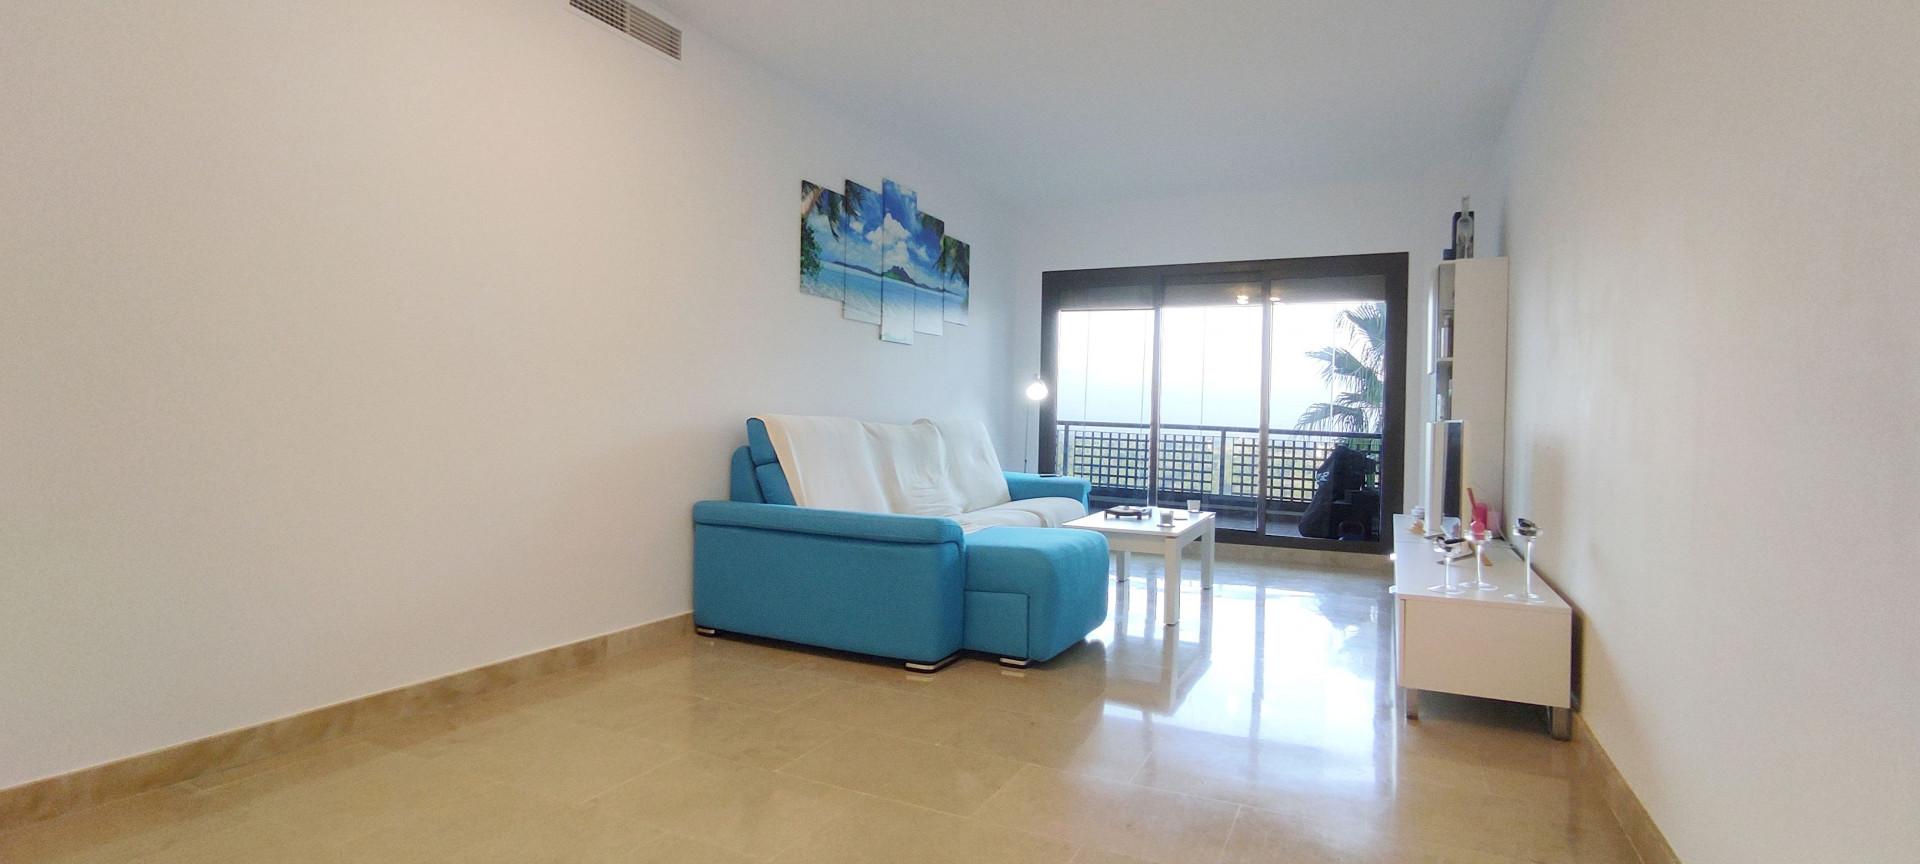 2 Bedroom Apartment in Alcaidesa Suites